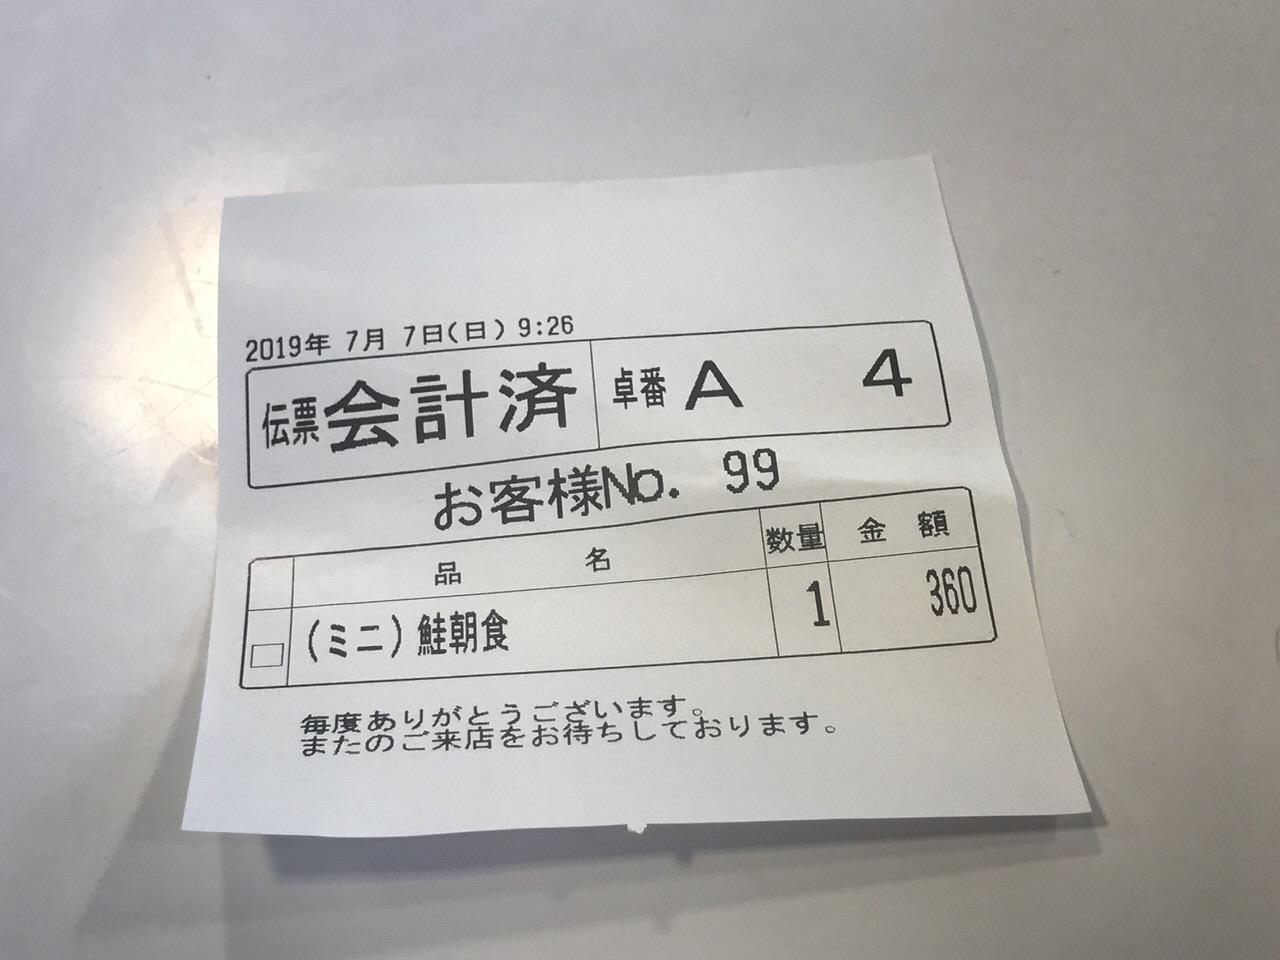 【すき家】「モバイルオーダー」6